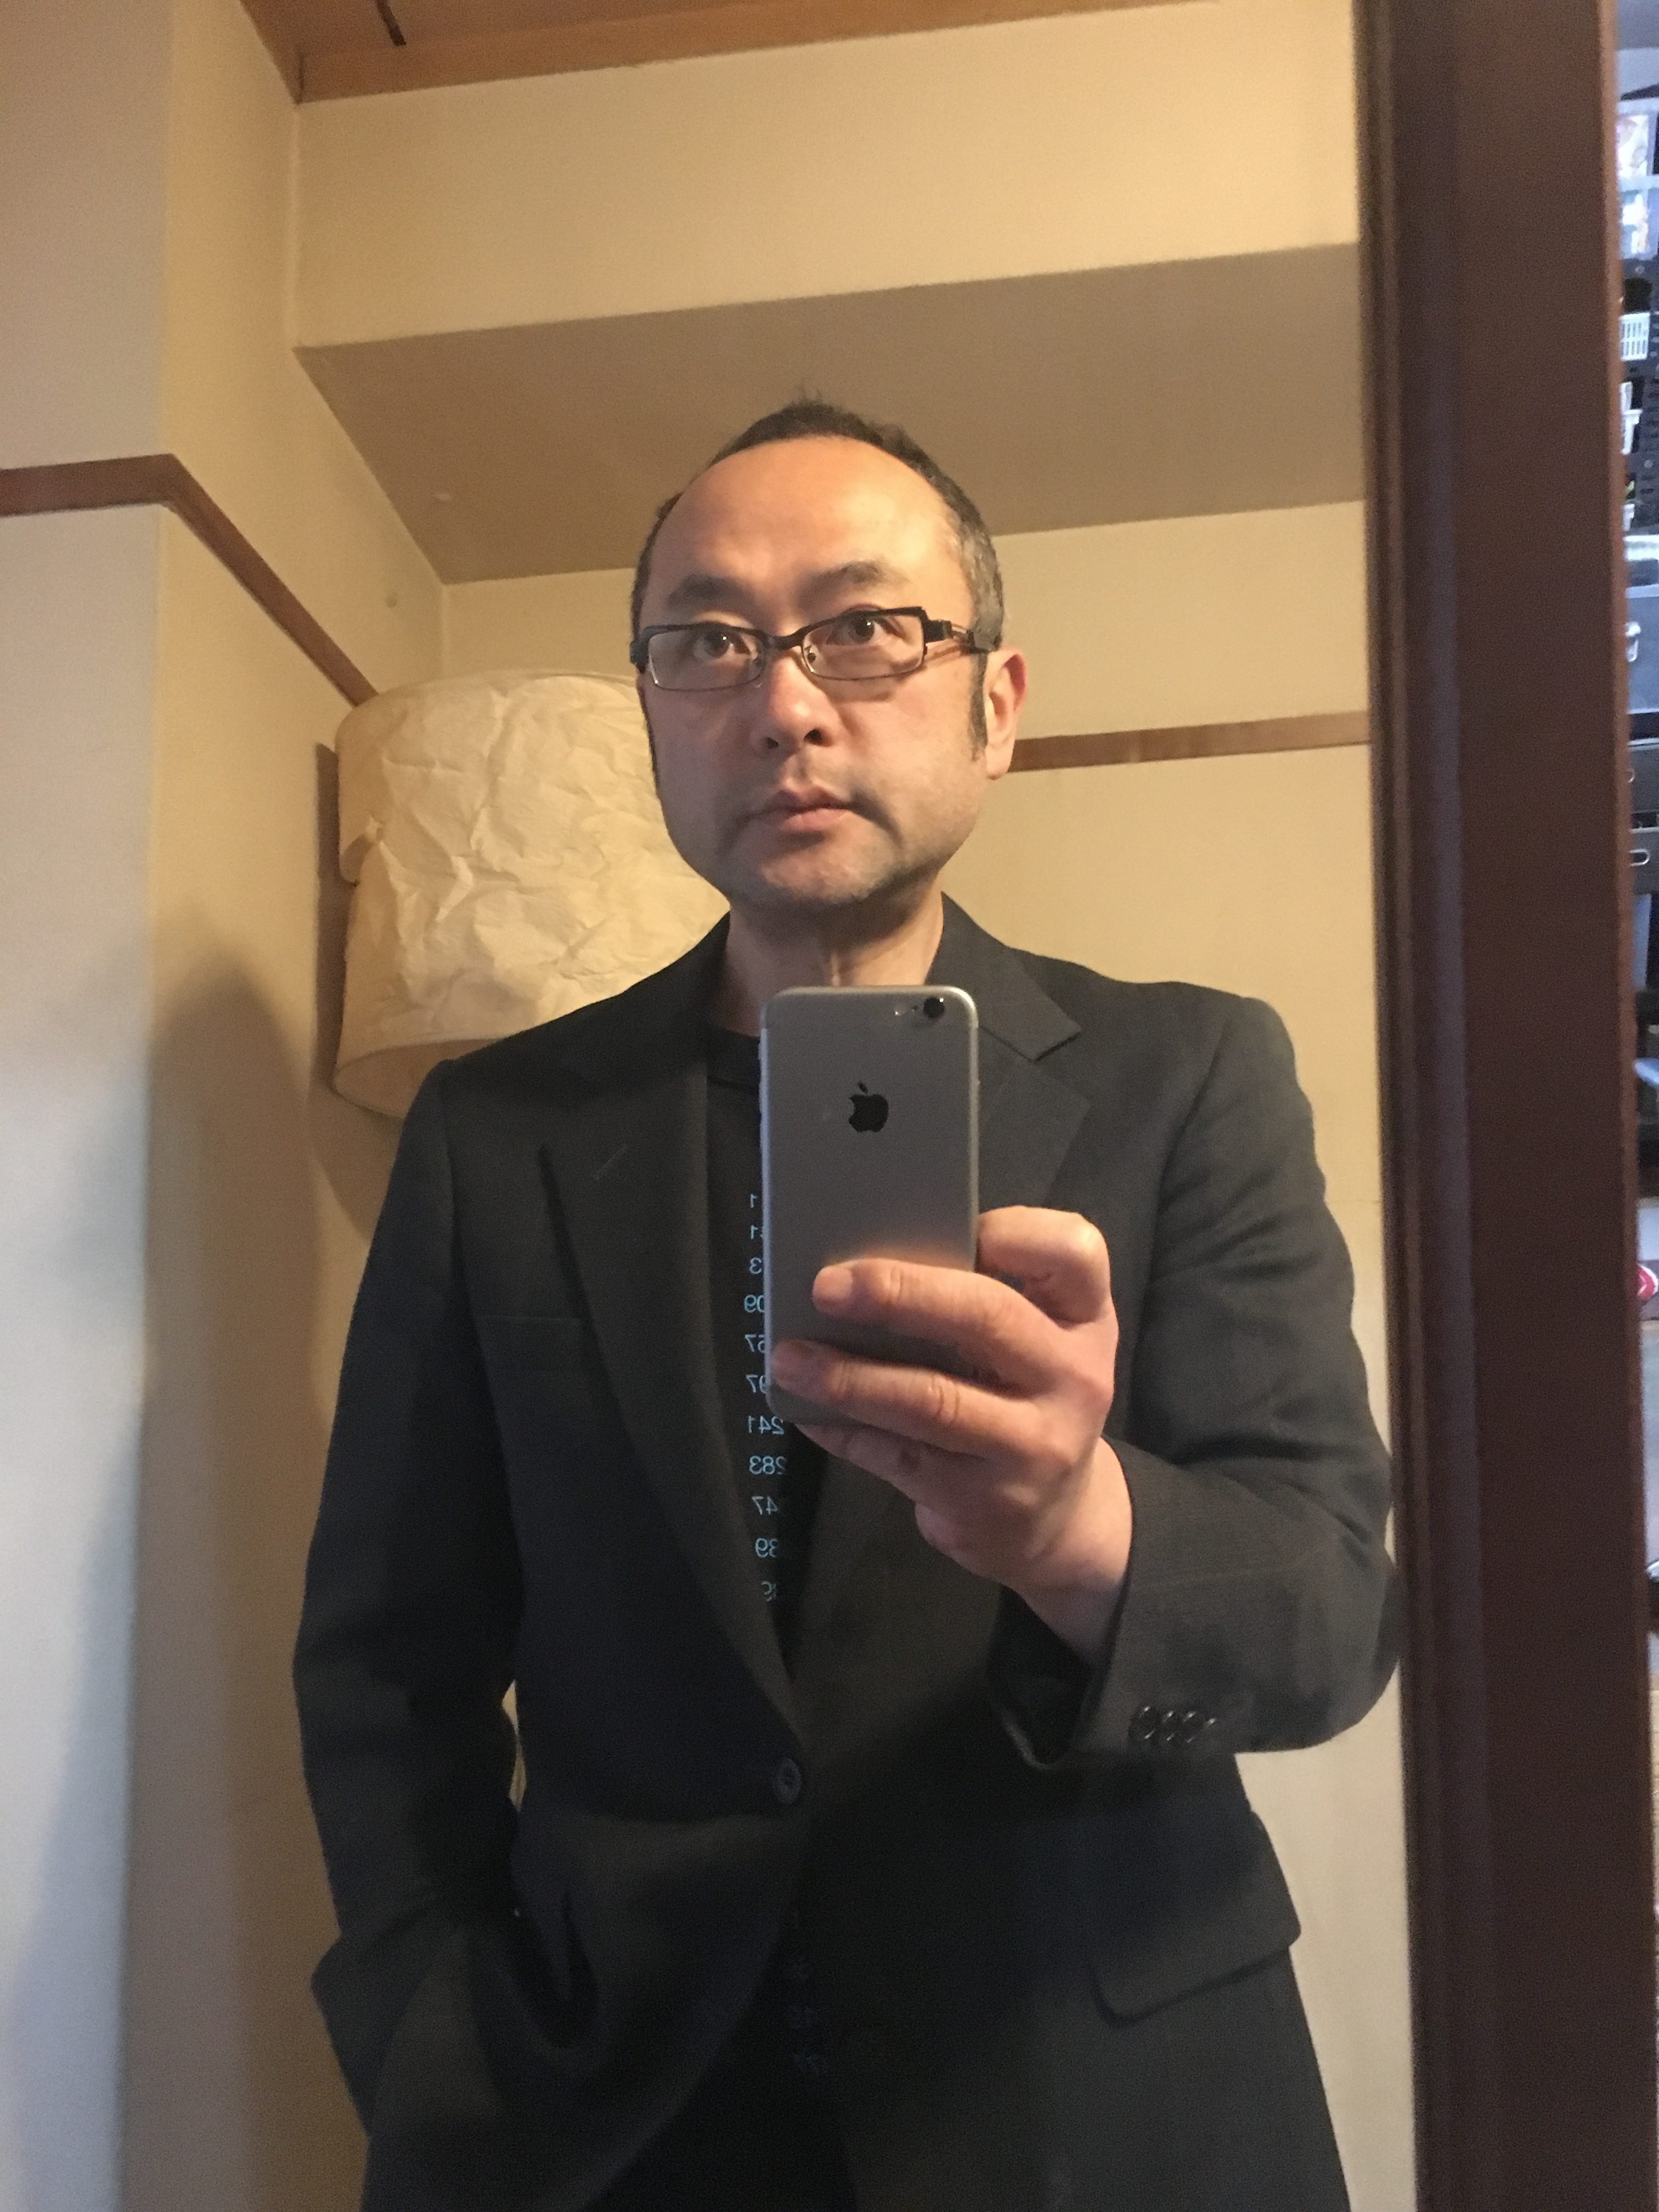 スーツ姿、鏡越し